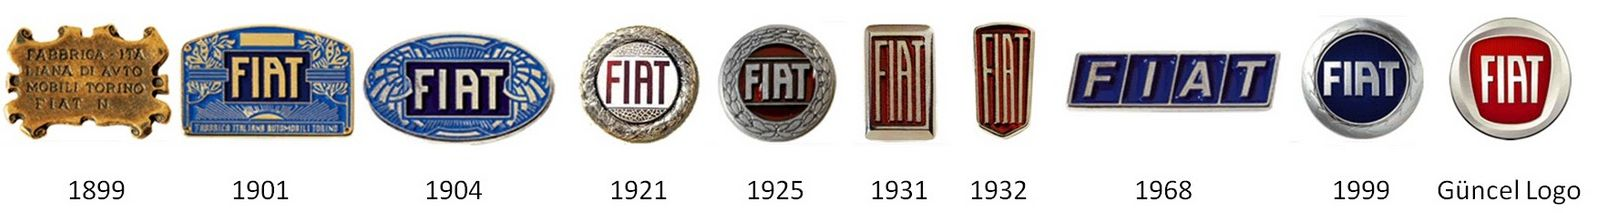 история дизайна логотипа фиат